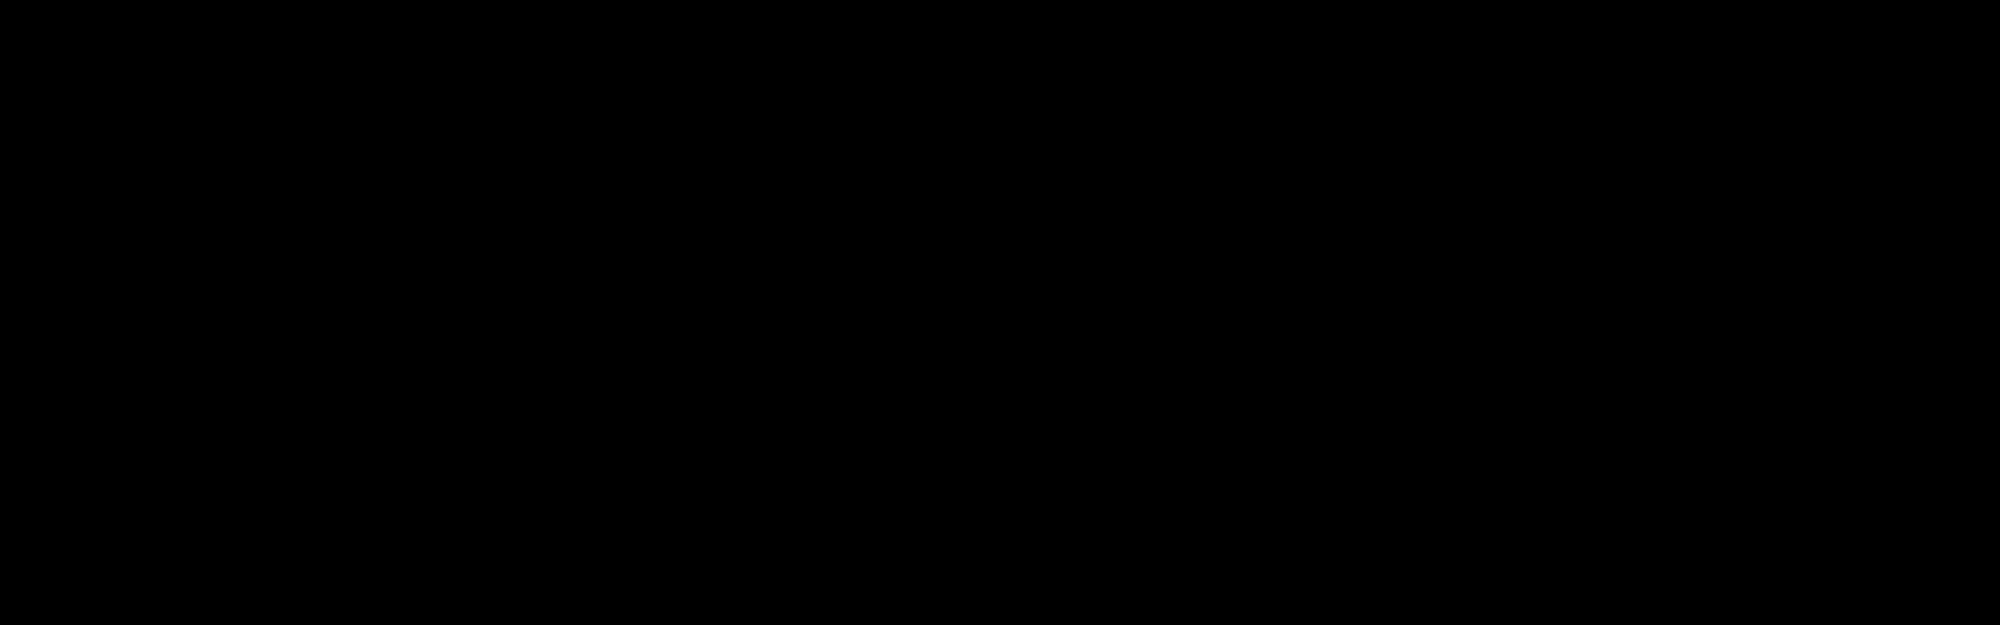 ANELIIA MILLER-logo-black.png